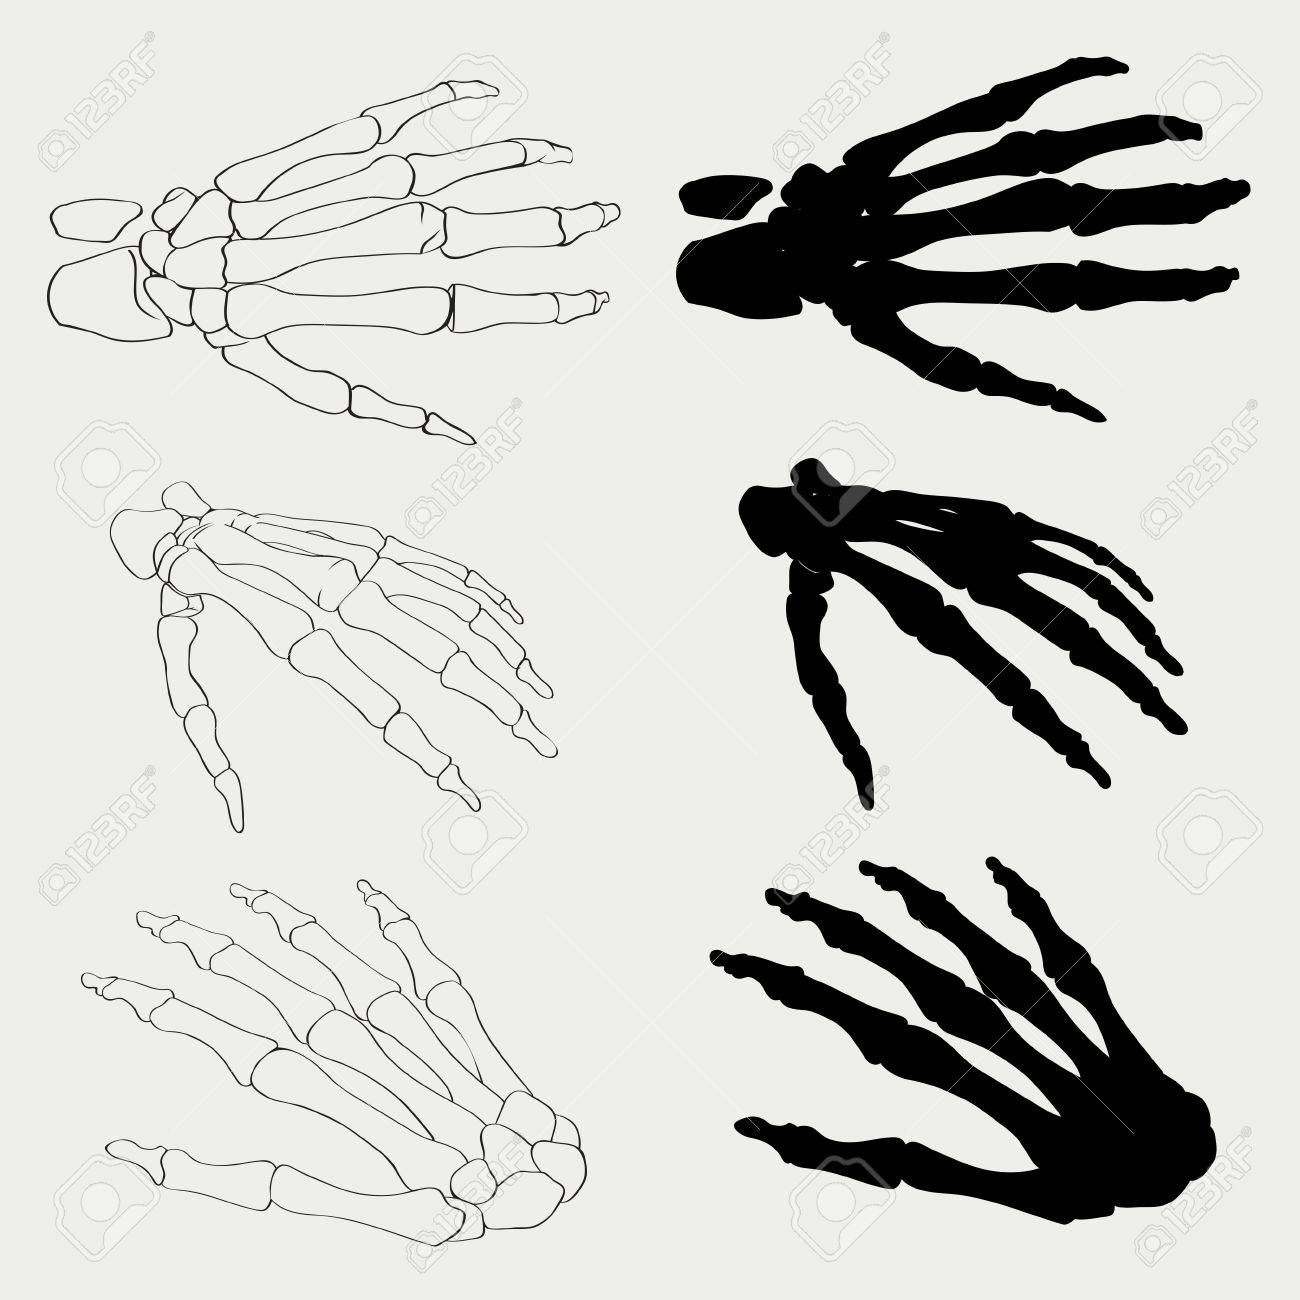 Menschliche Handknochen Anatomie Vektor-Illustration Isoliert ...